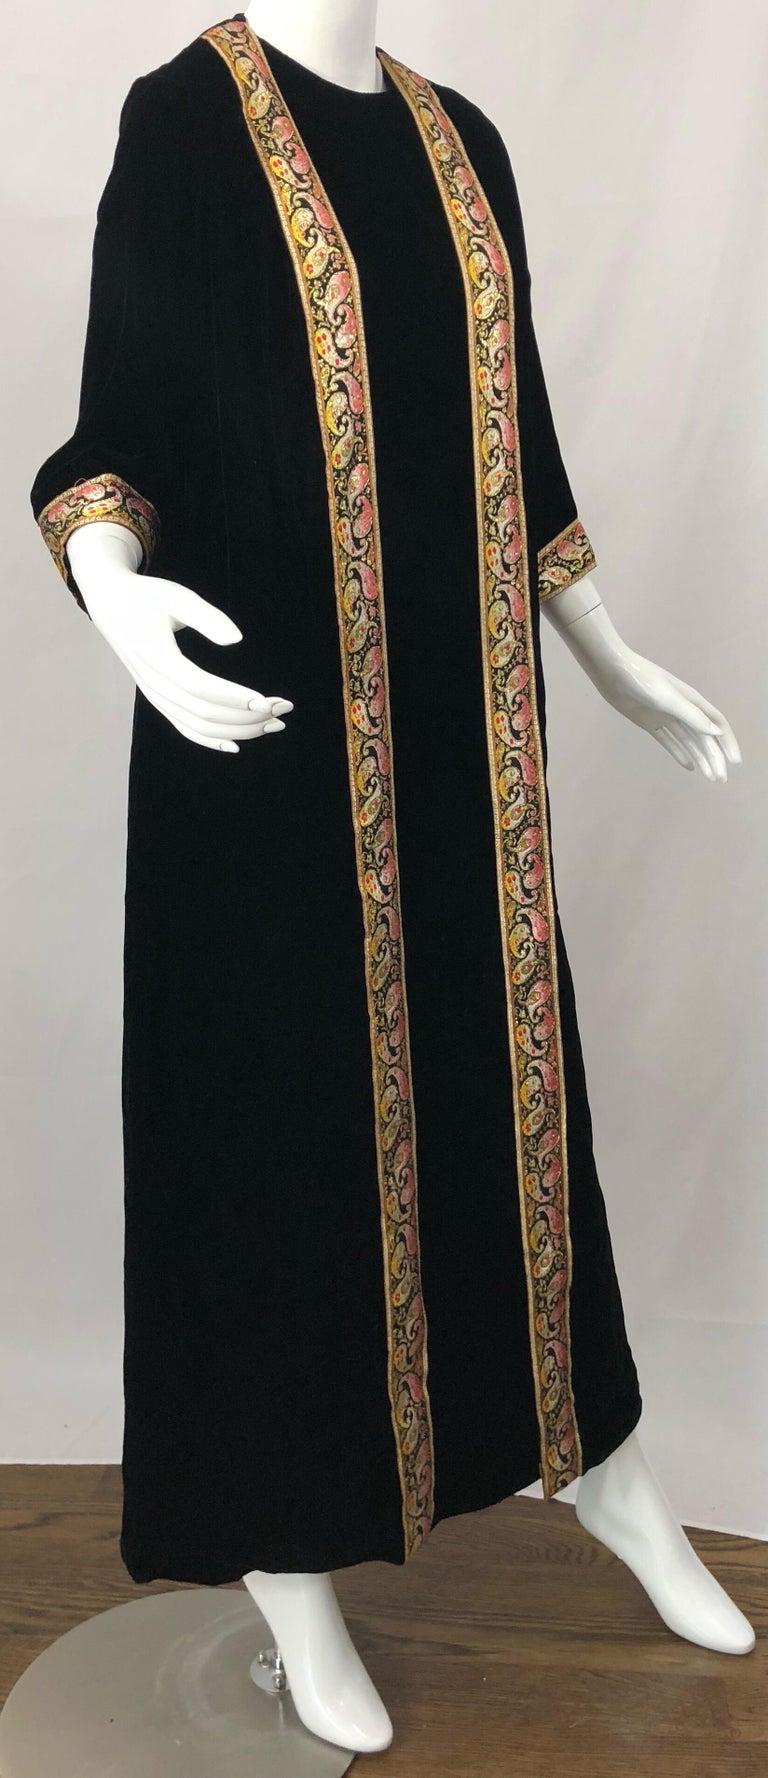 1960s Bonwit Teller Black Velvet Paisley Vintage 60s Moroccan Caftan Maxi Dress For Sale 5